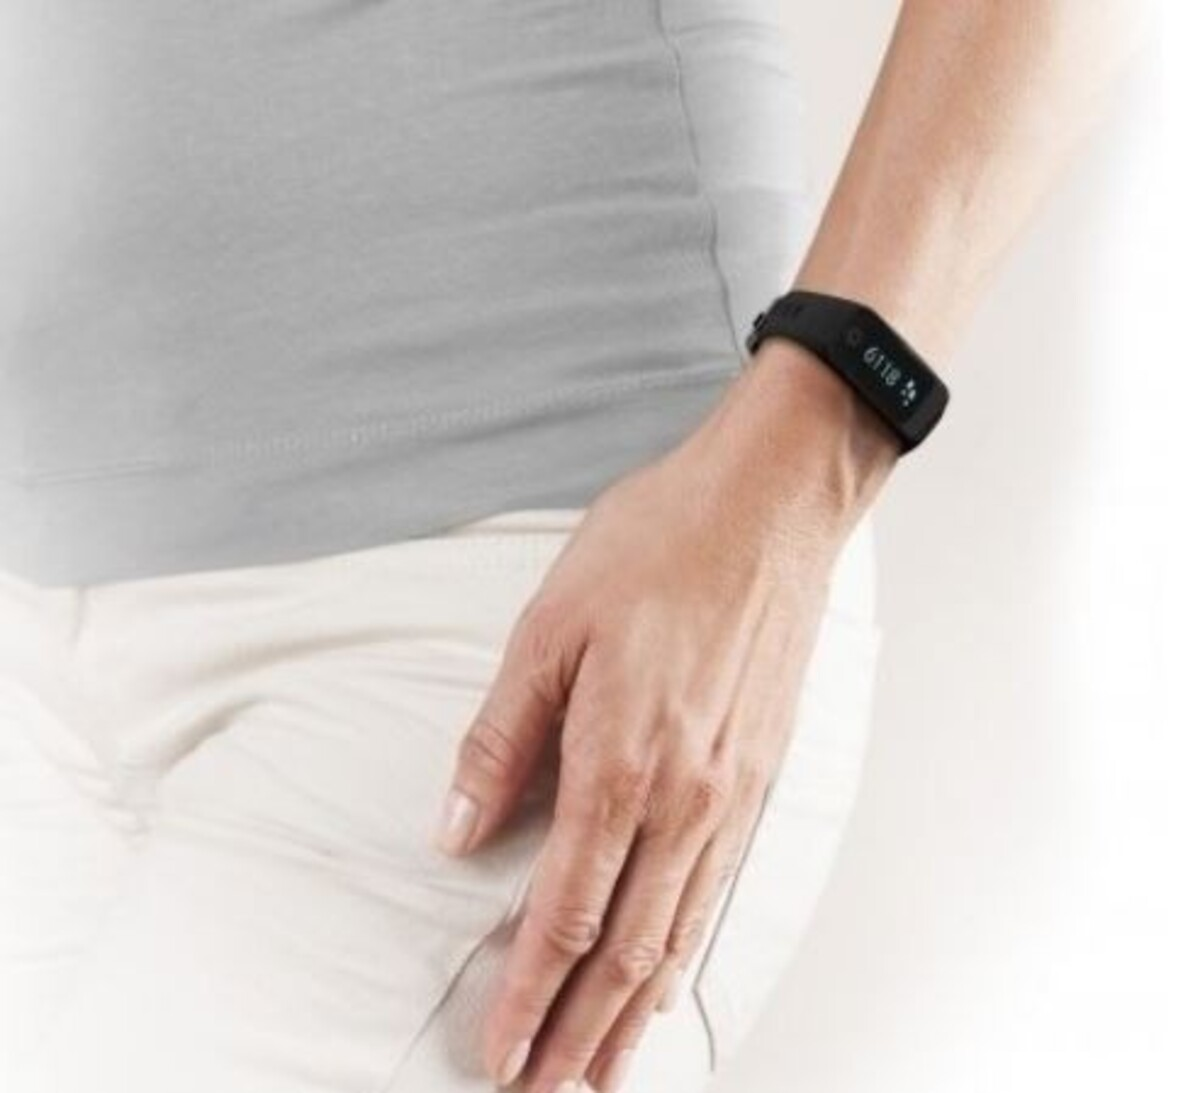 Bild 2 von Medisana Activity Tracker ViFit Touch | B-Ware - der Artikel ist neu - Verpackung geöffnet